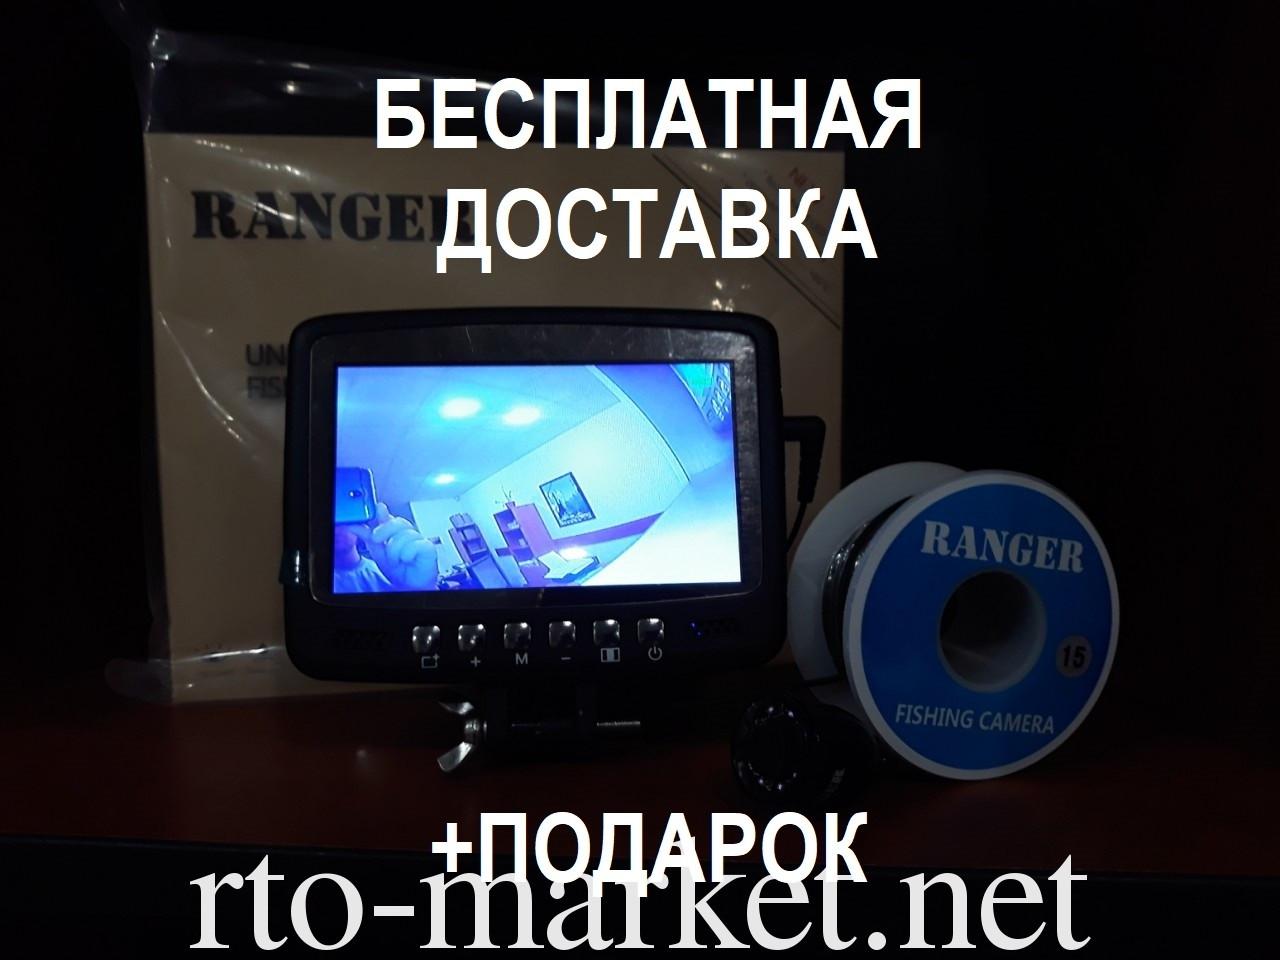 Подводная камера для рыбалки Ranger Lux 15.Большой HD экран.Сервис.